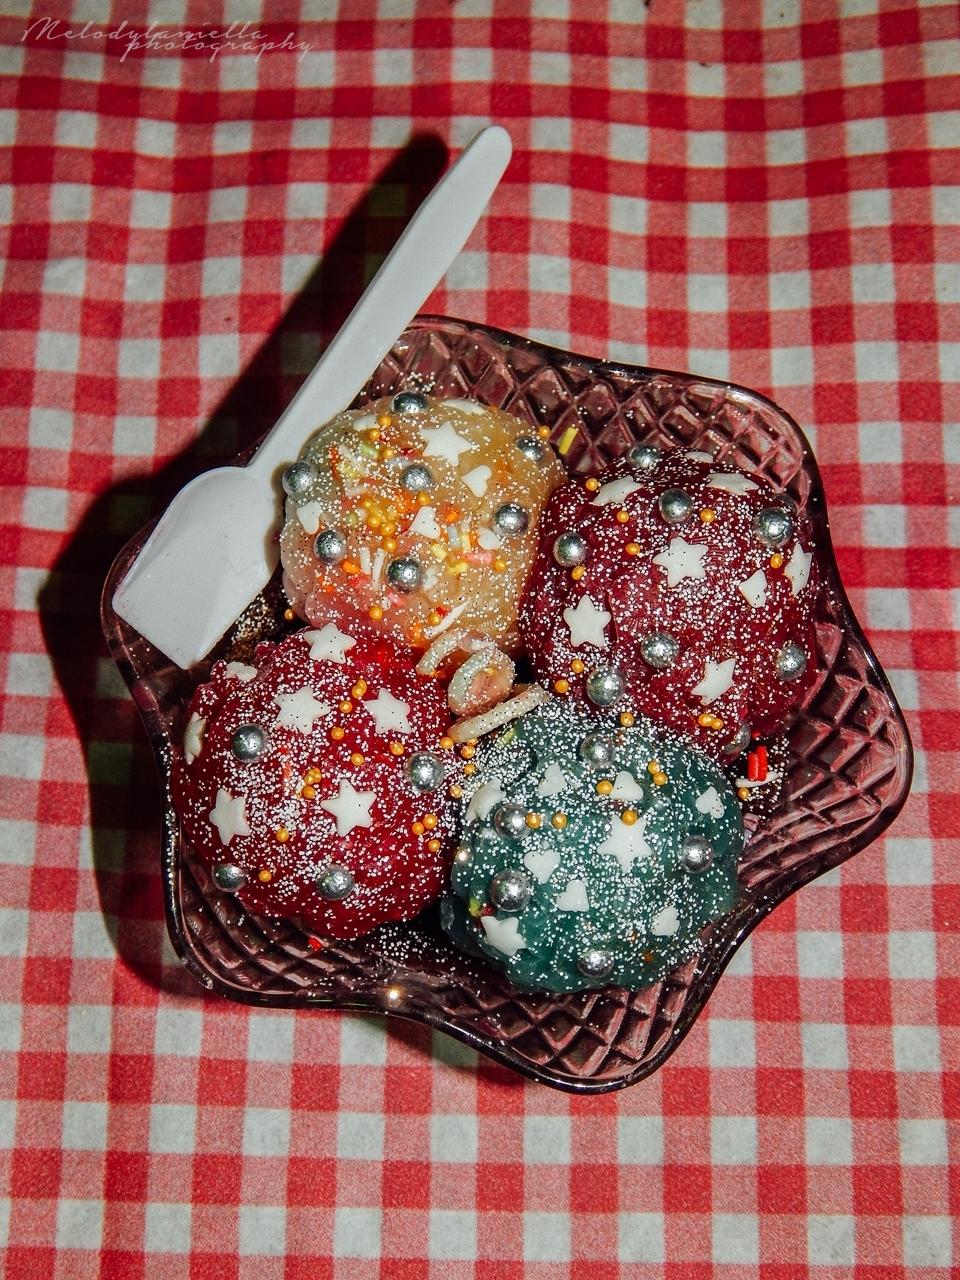 świeczki w kształcie lodów pomysły na świąteczny prezent prezenty